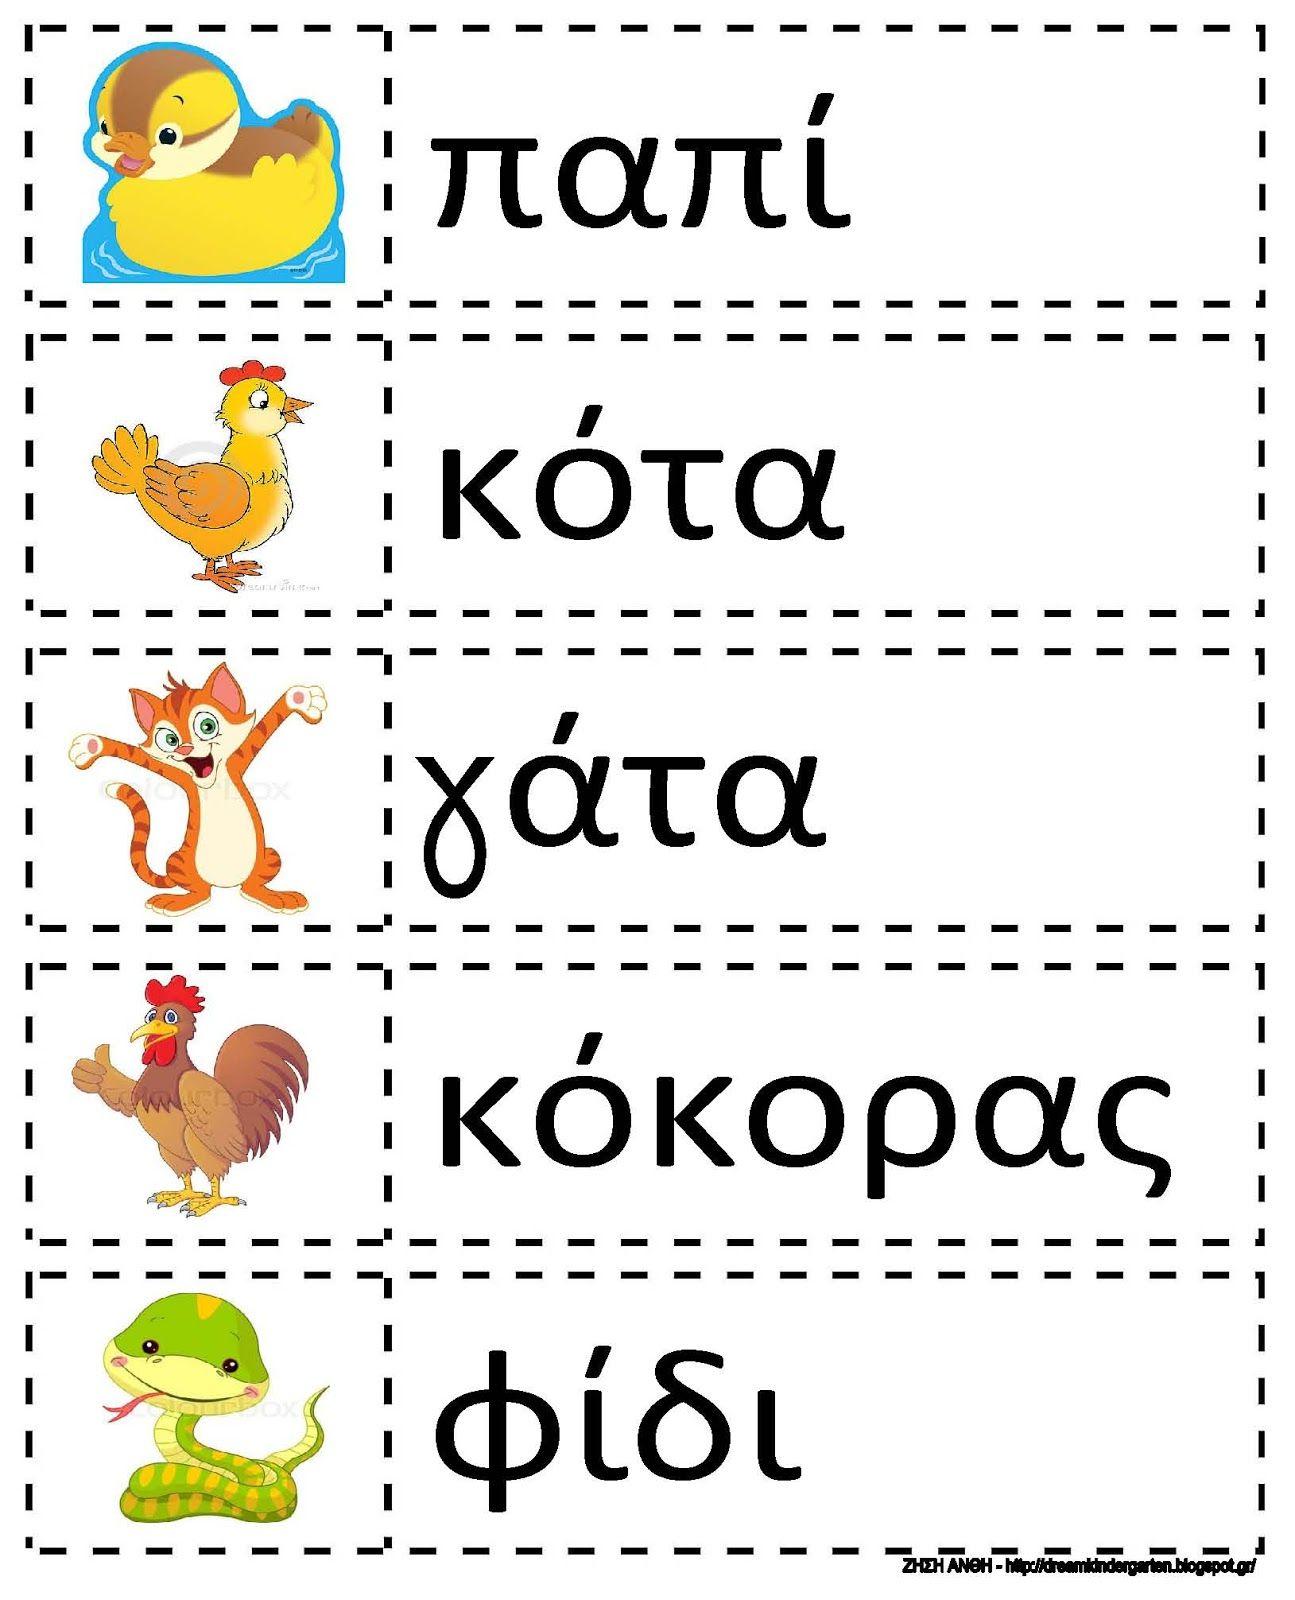 greek language Greek language and mythology and the influence on the english language.